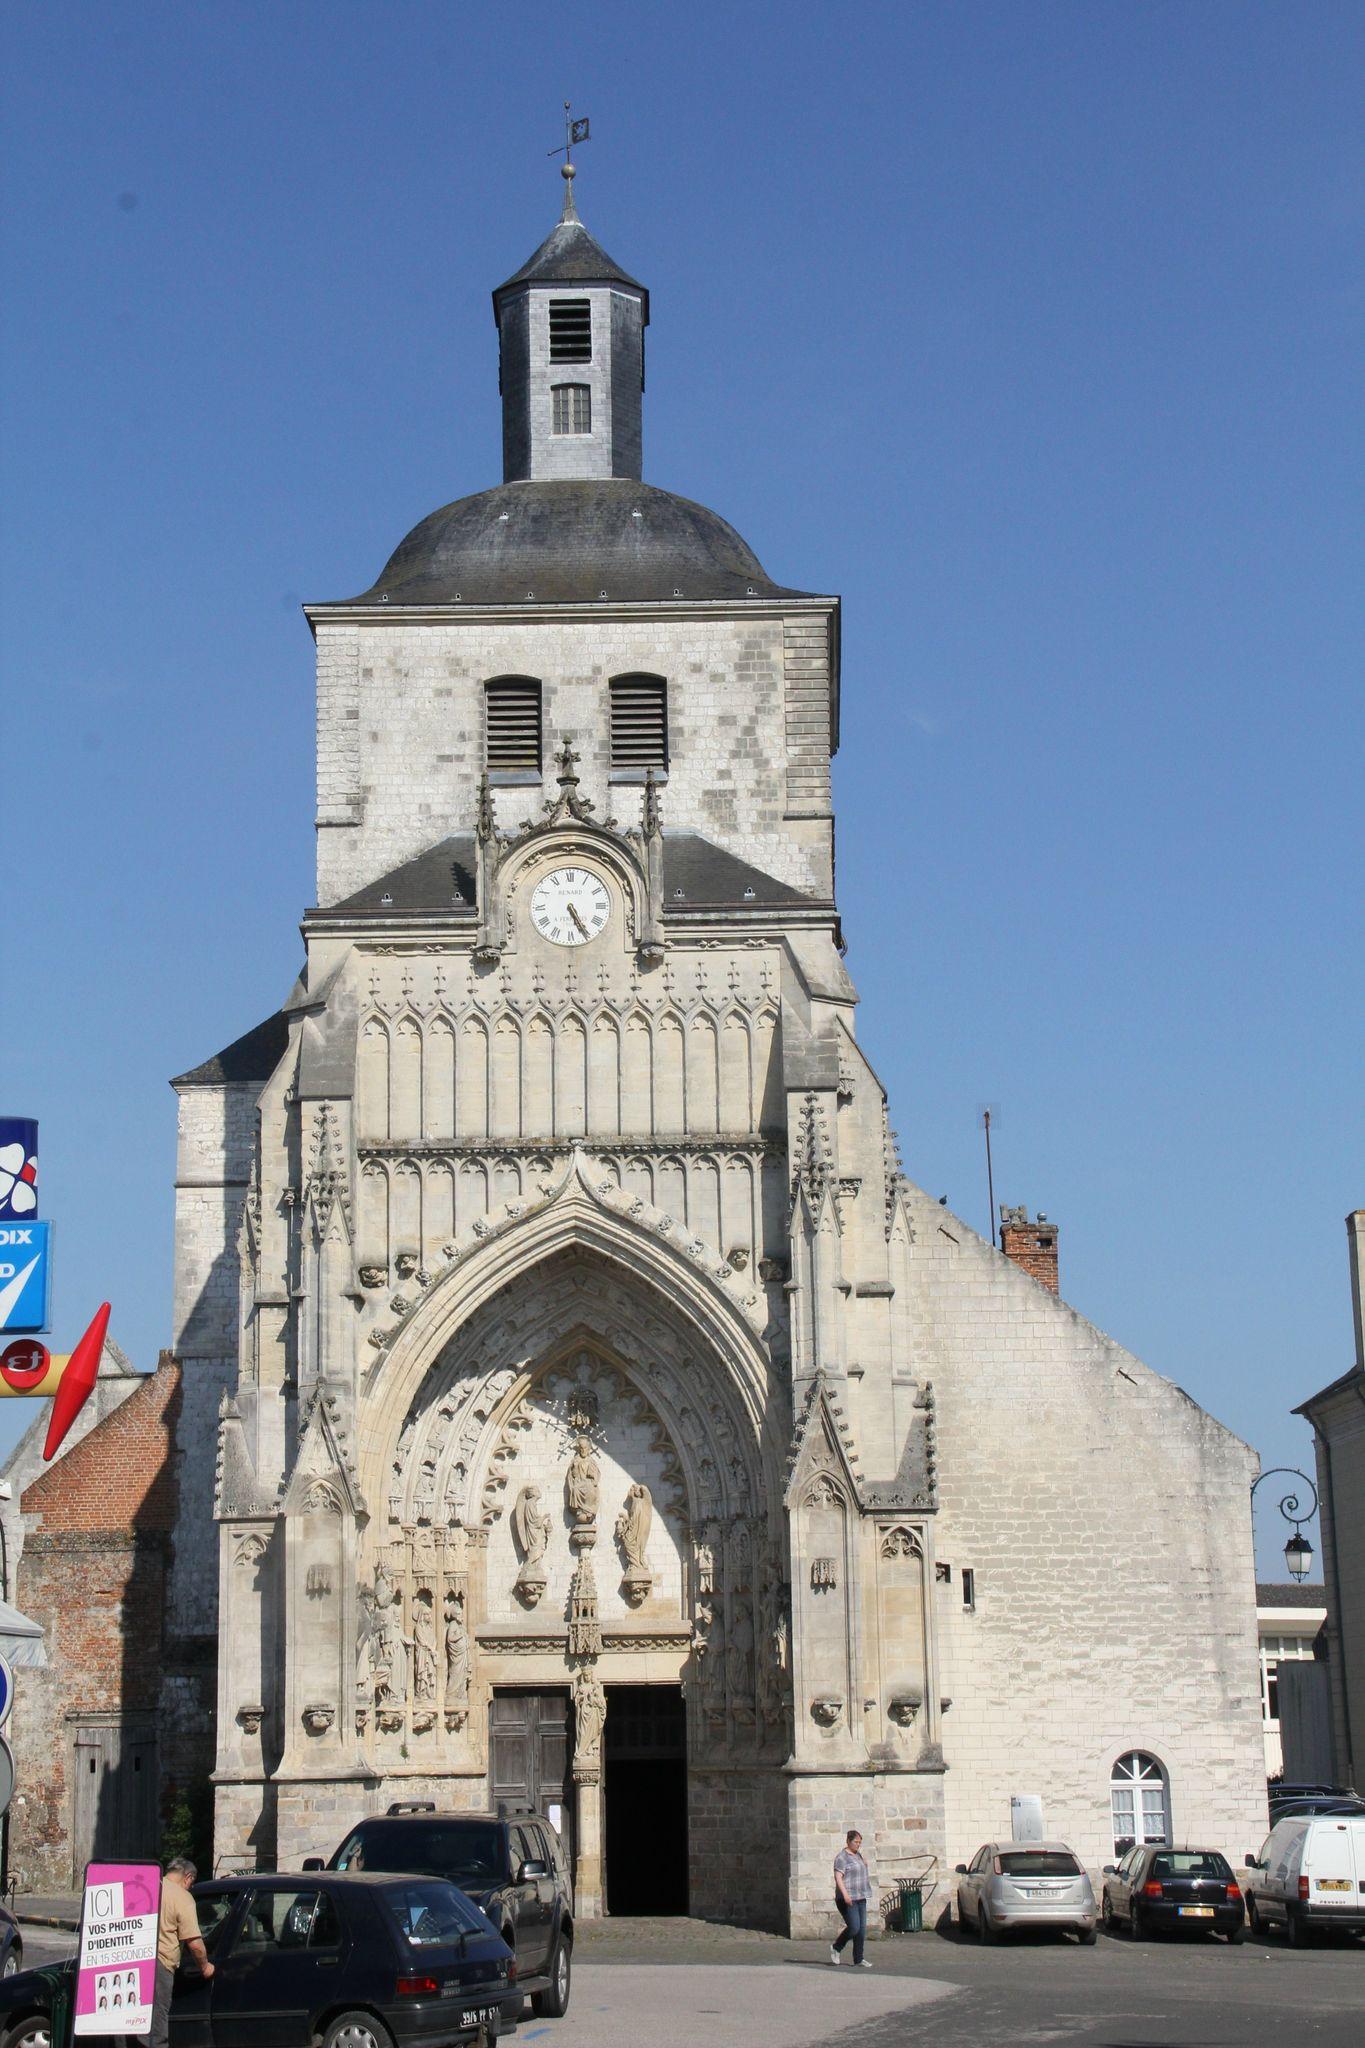 Montreuil sur mer l 39 glise abbatiale saint saulve - Office du tourisme de montreuil sur mer ...